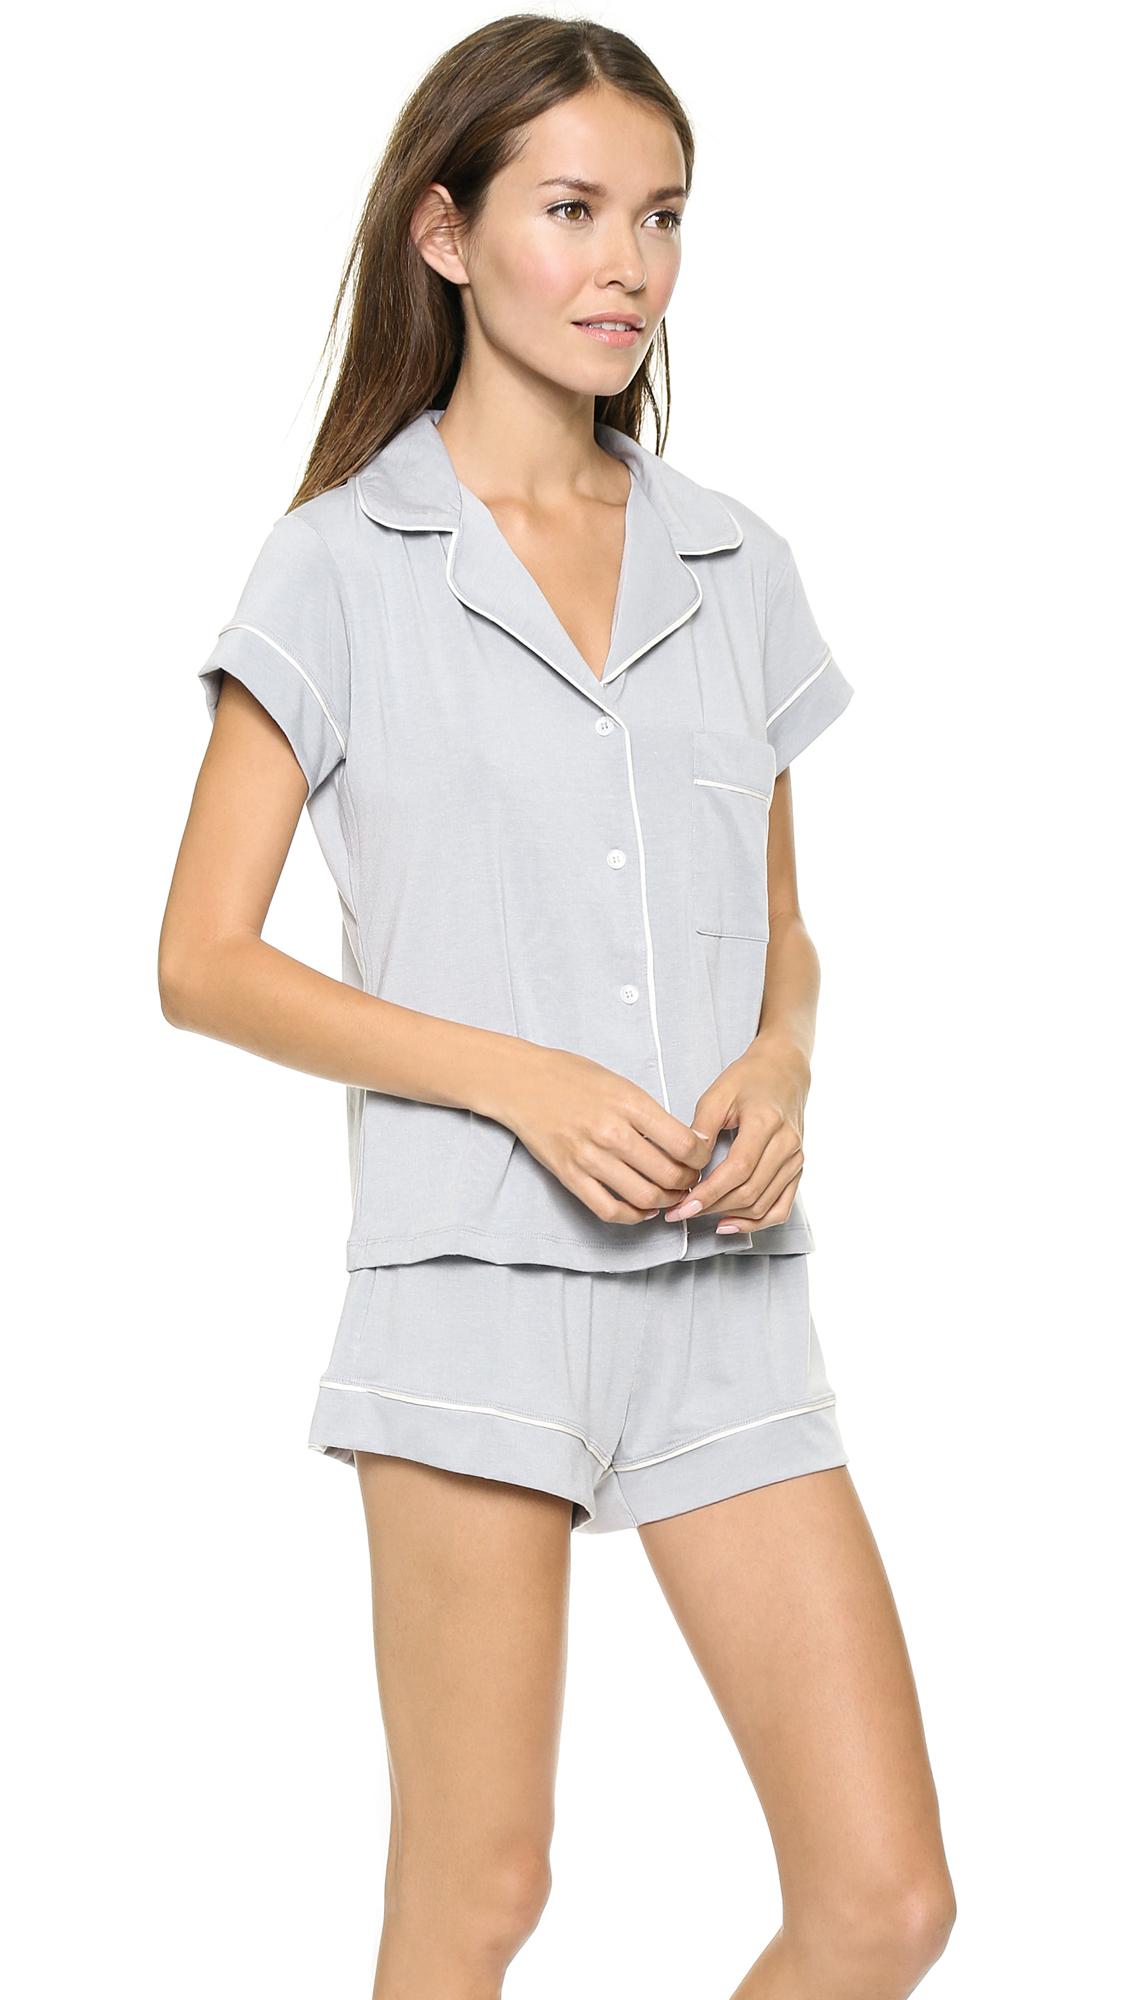 Eberjey Women/'s Gisele Short Pajama Set